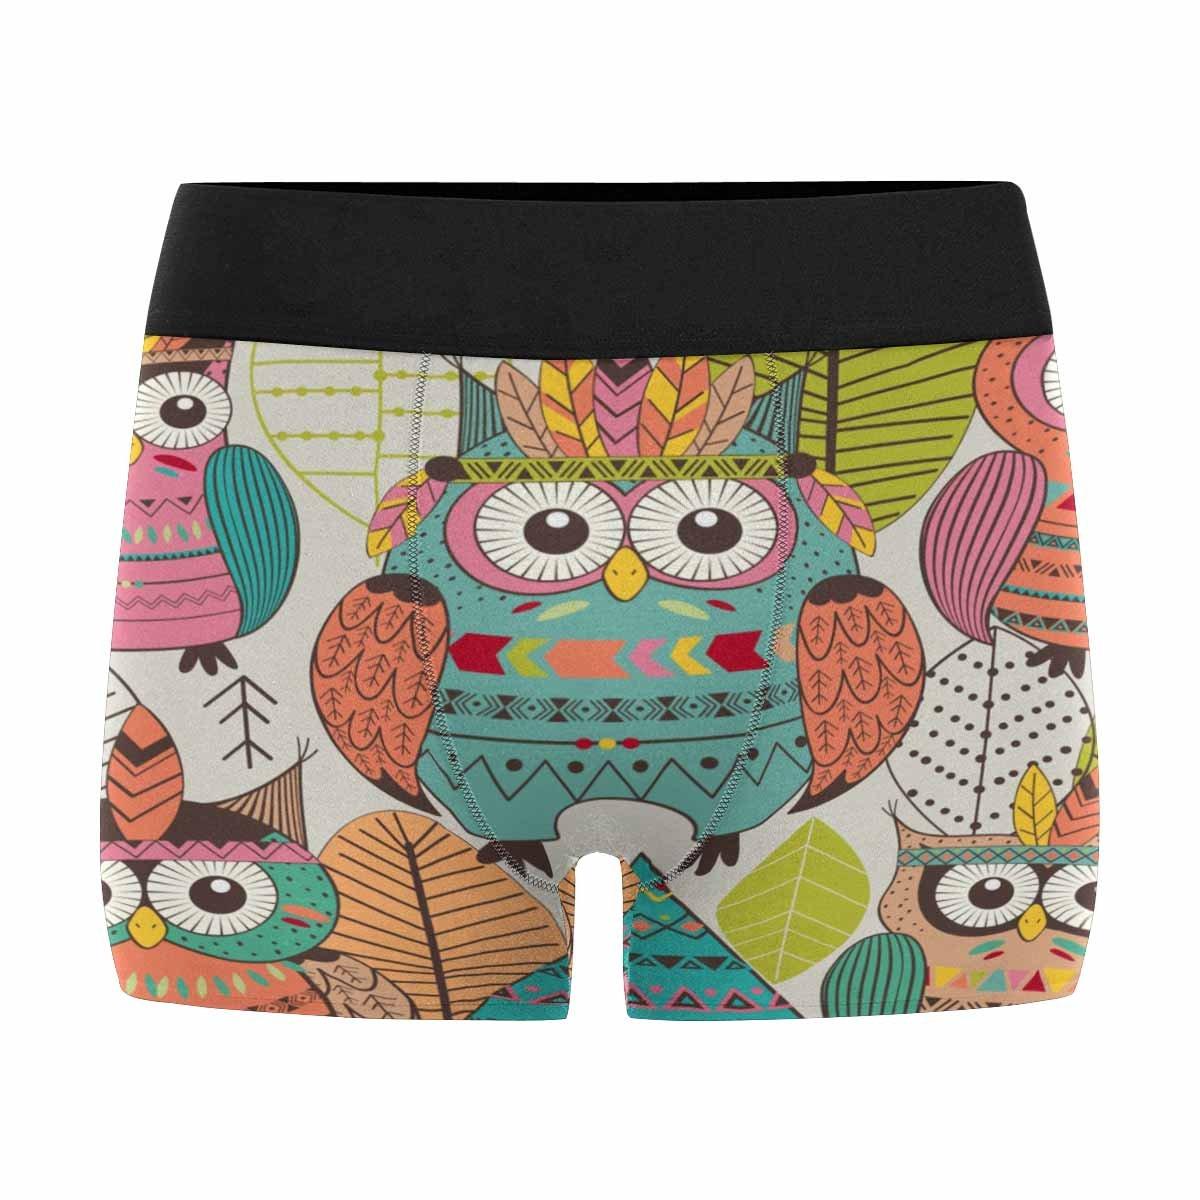 INTERESTPRINT Mens Boxer Briefs Underwear